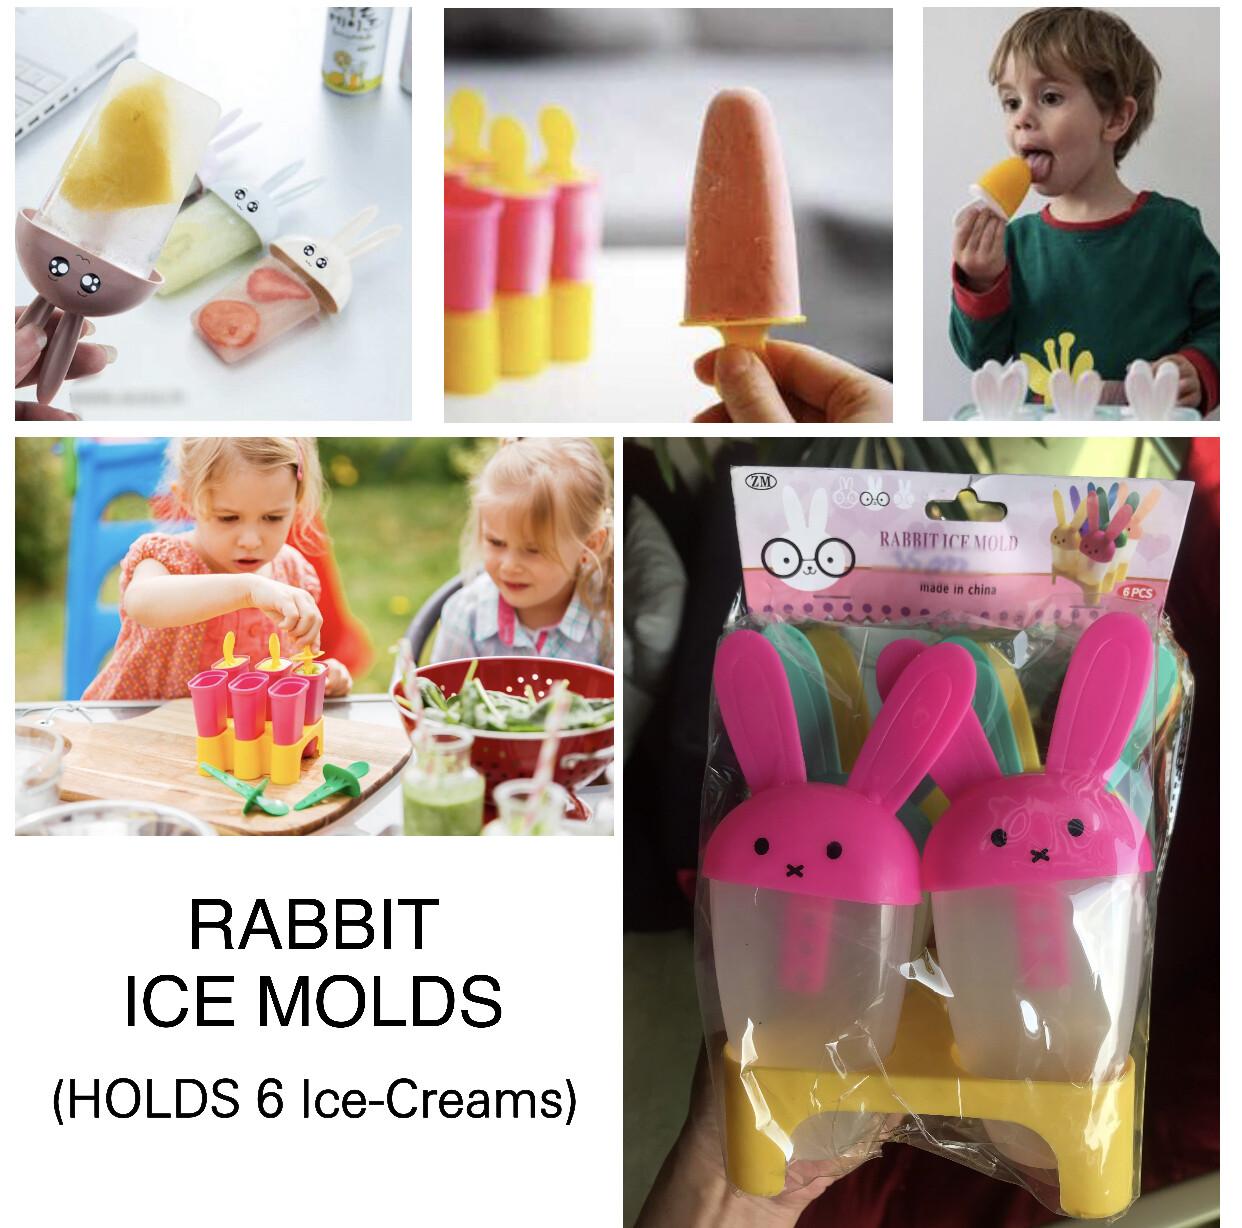 Rabbit Ice Molds